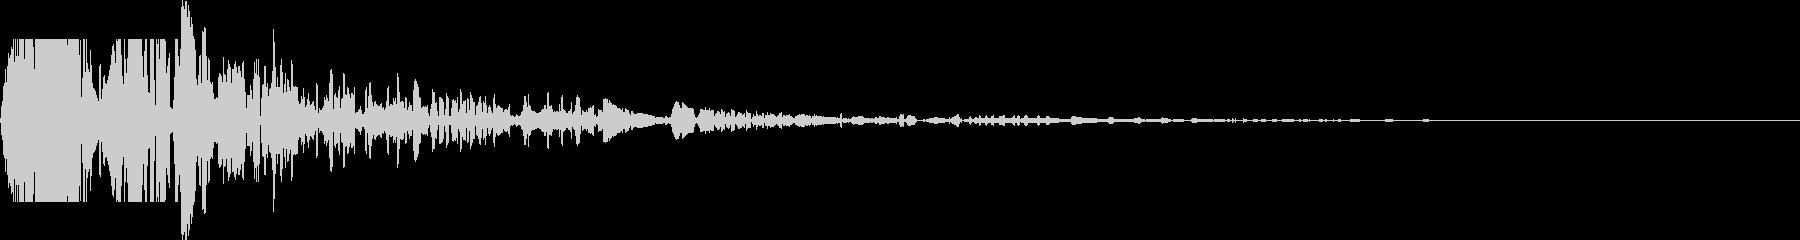 ドサッ(落下や倒れる衝撃音)06の未再生の波形